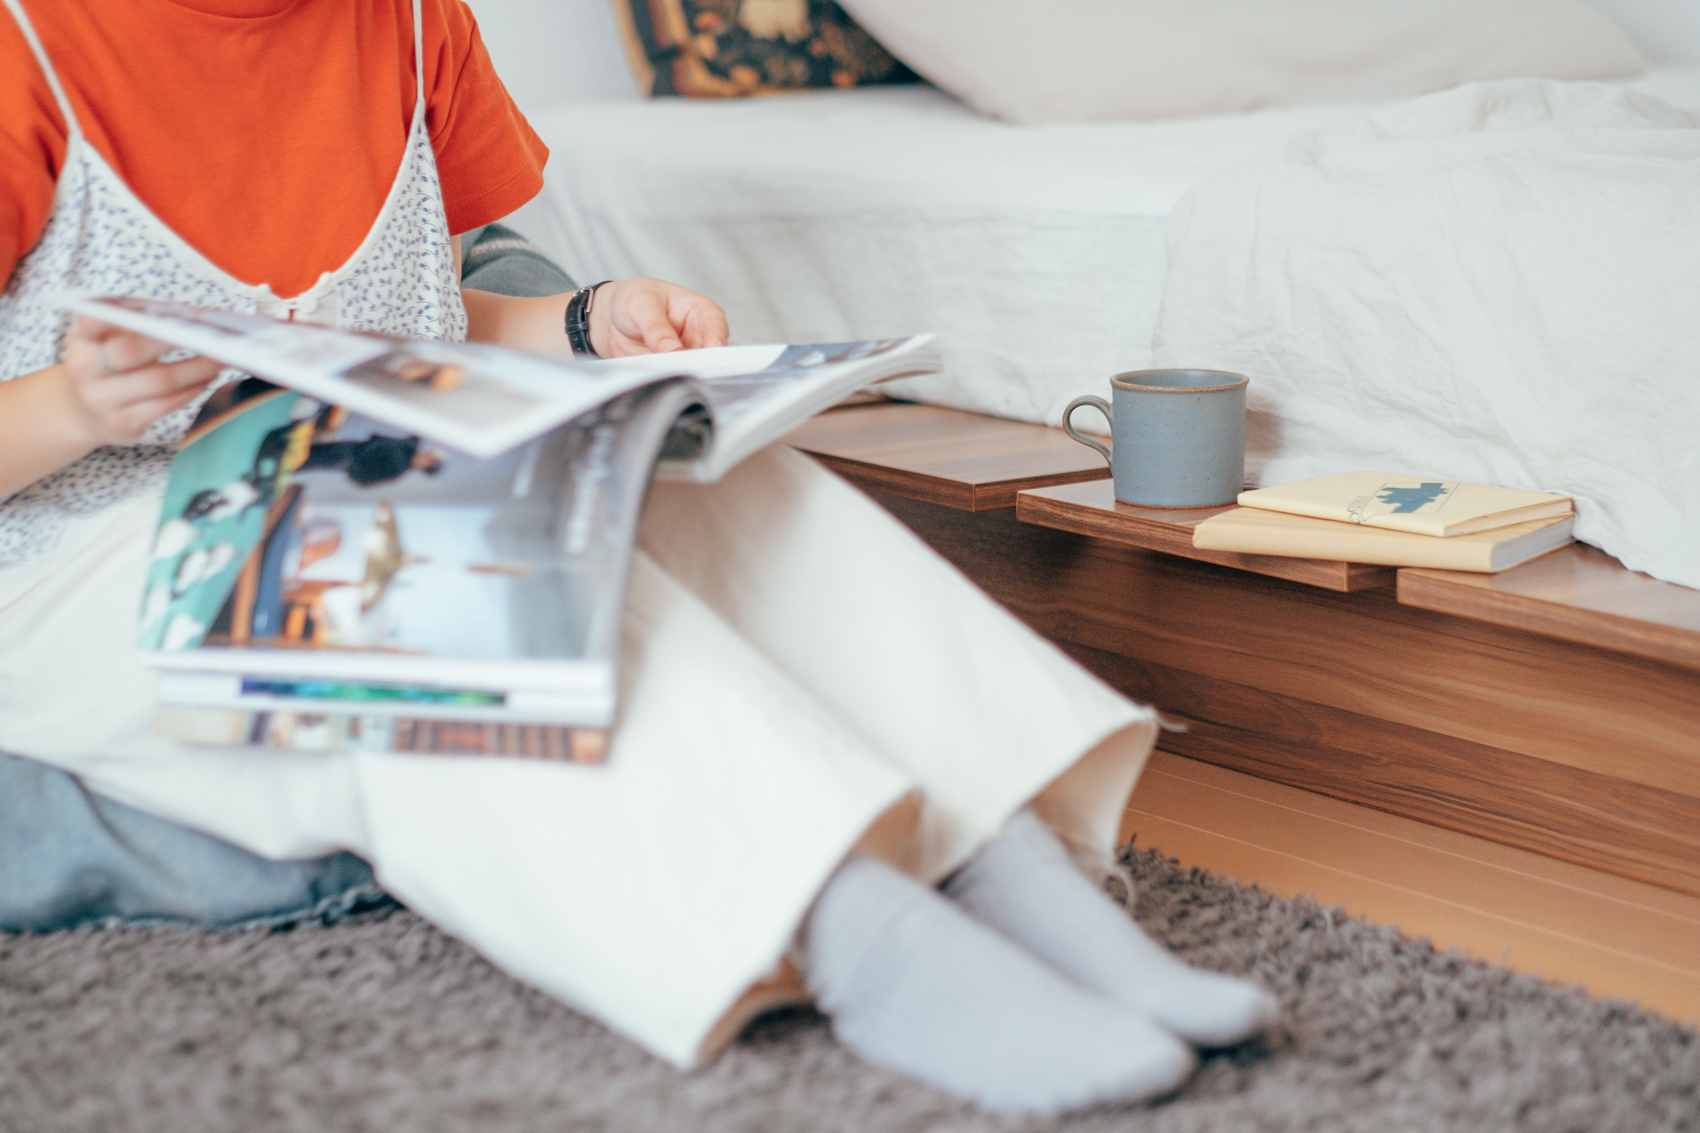 お気に入りだと話すベッドサイドスペースは家で過ごす上での憩いの場だそう。 「LOWYAで購入したベッドフレームはサイドに出たベッドの縁が便利です。テレビを見るときや本を読む時に飲み物などを置くサイドテーブル代わりにしていますね。」